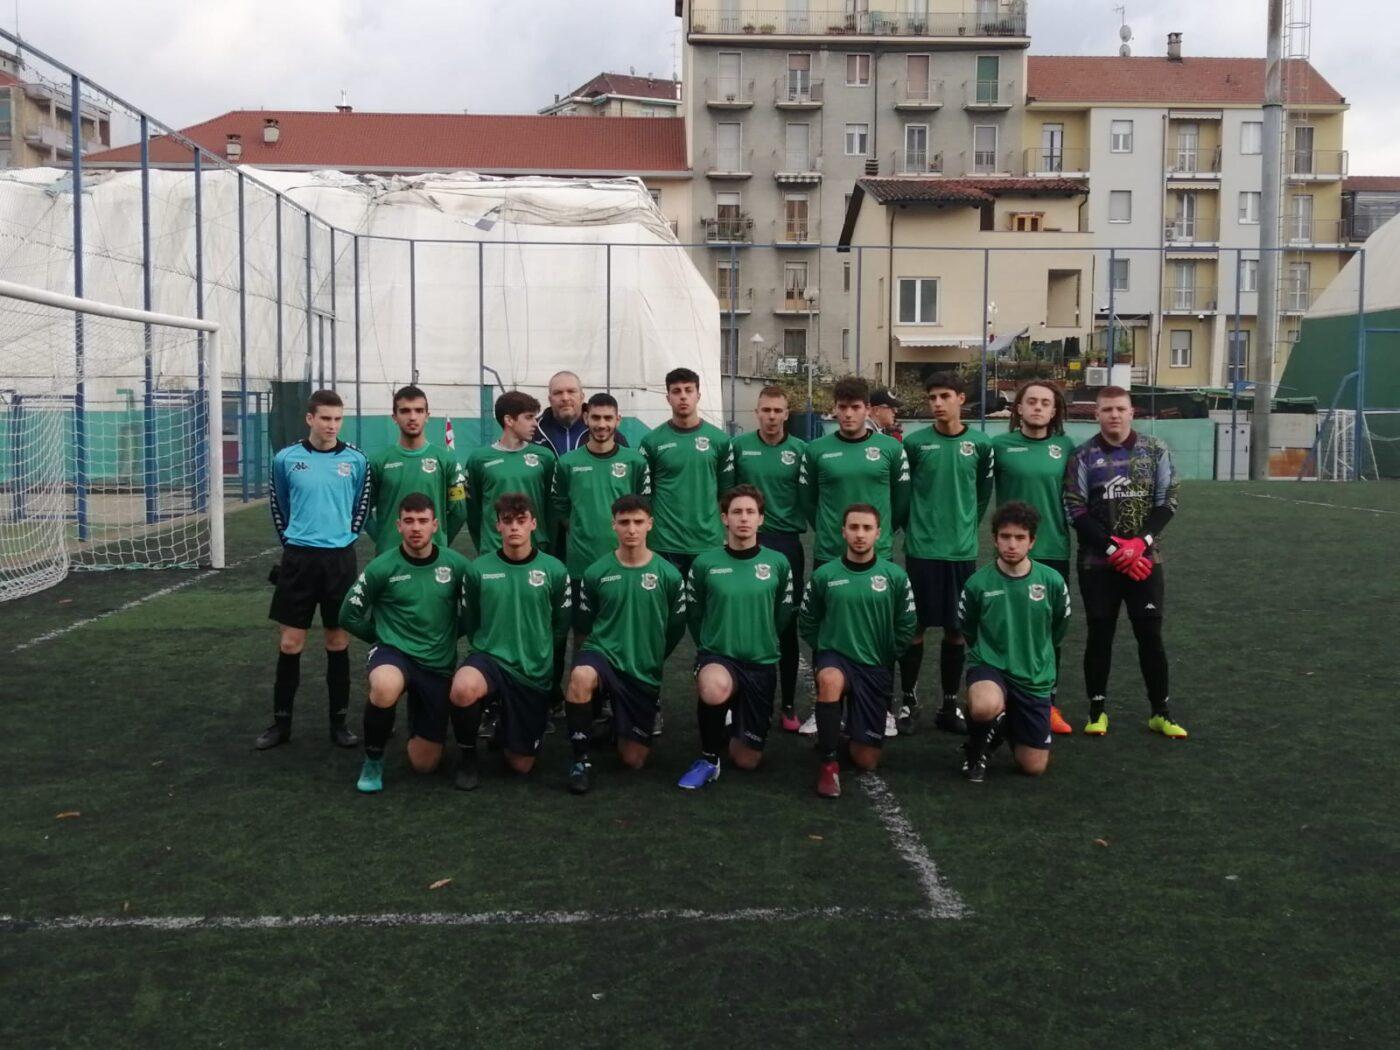 Barracuda - Carrara, Under 19: Il Carrara prima del calcio d'inizio